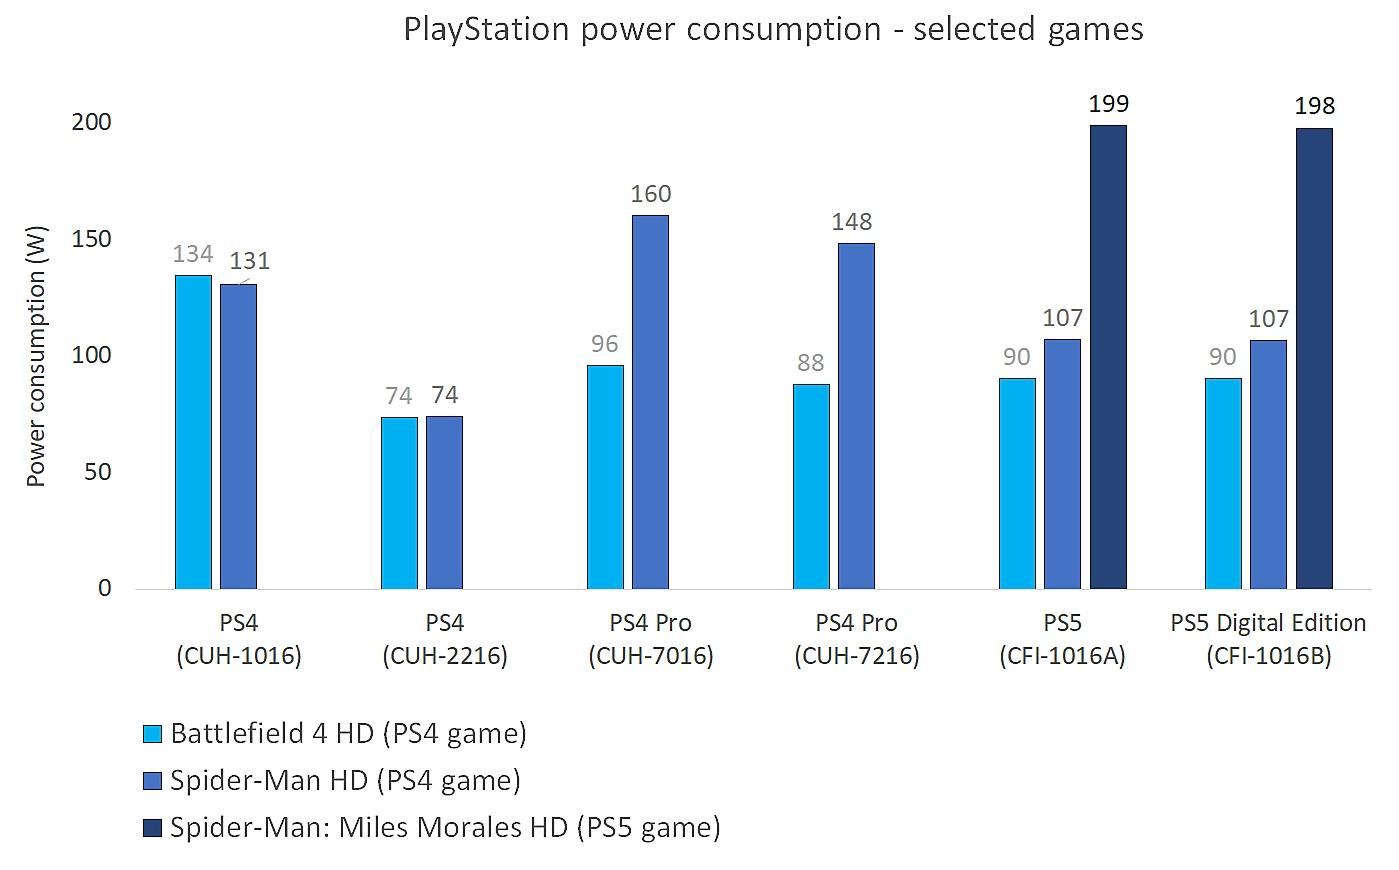 استهلاك طاقة PlayStation - الوسائط عالية الجودة والملاحة